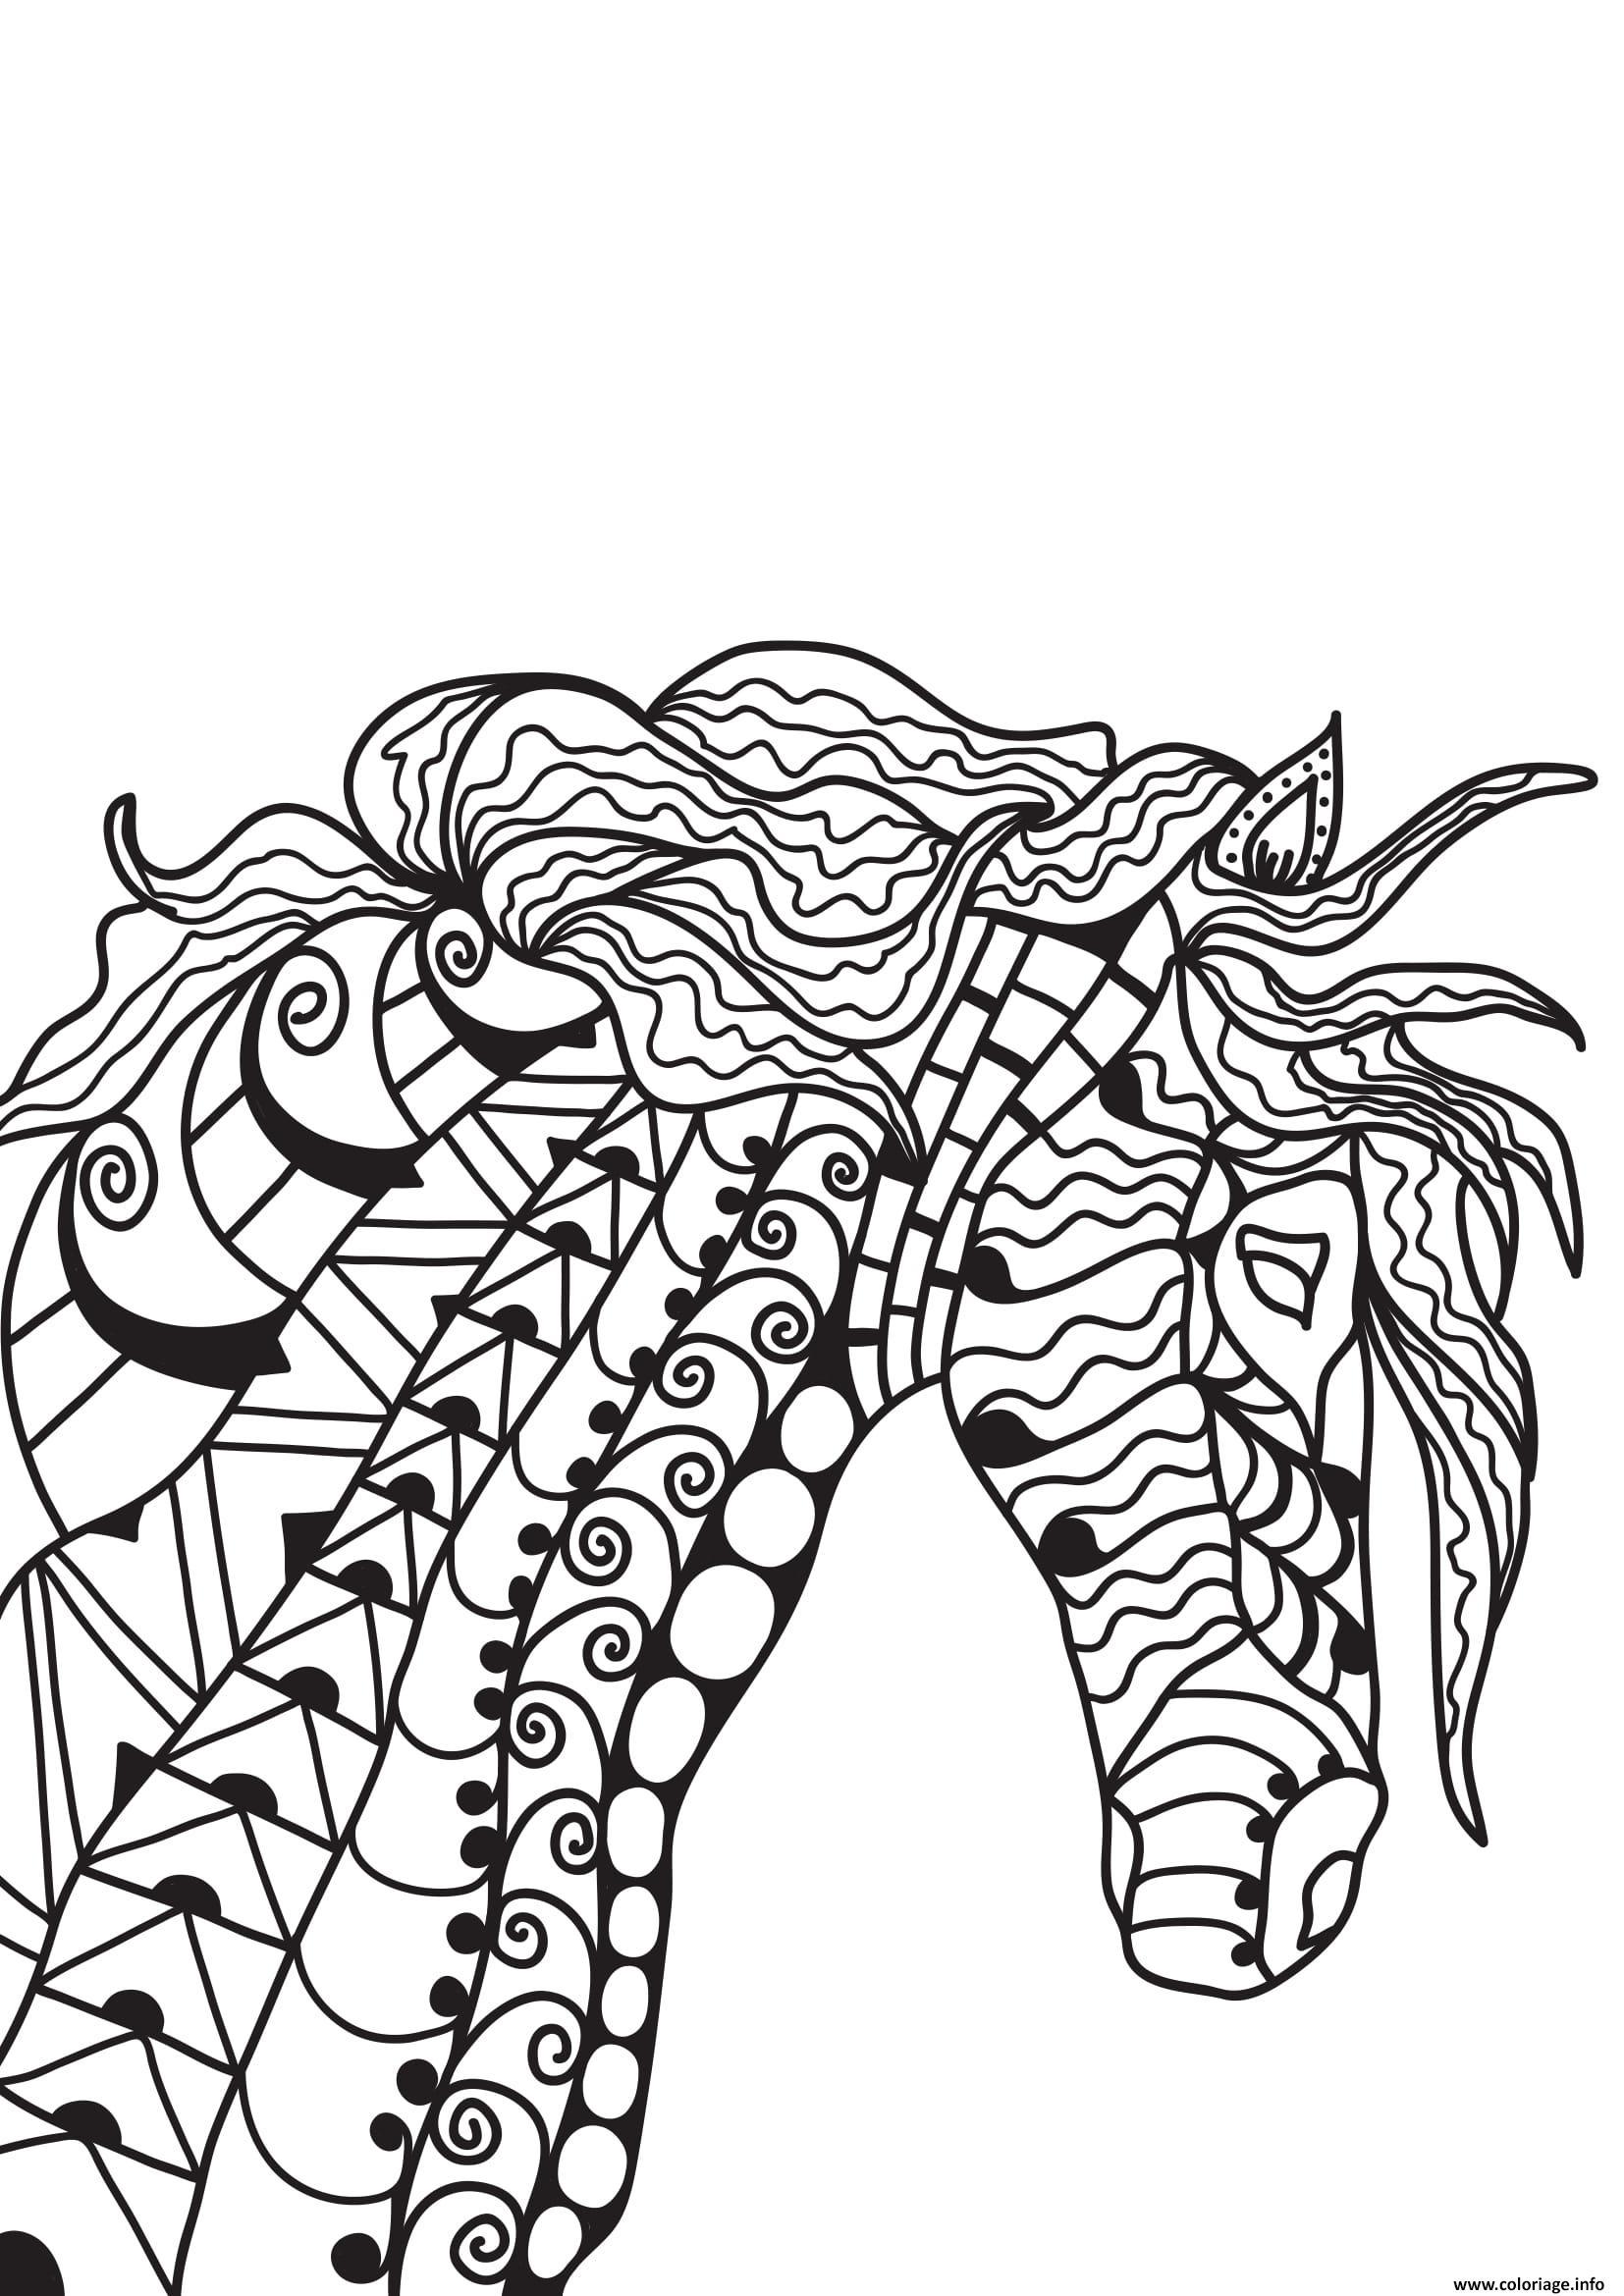 Coloriage Cheval Zen.Coloriage Cheval Pour Adulte 33 Jecolorie Com